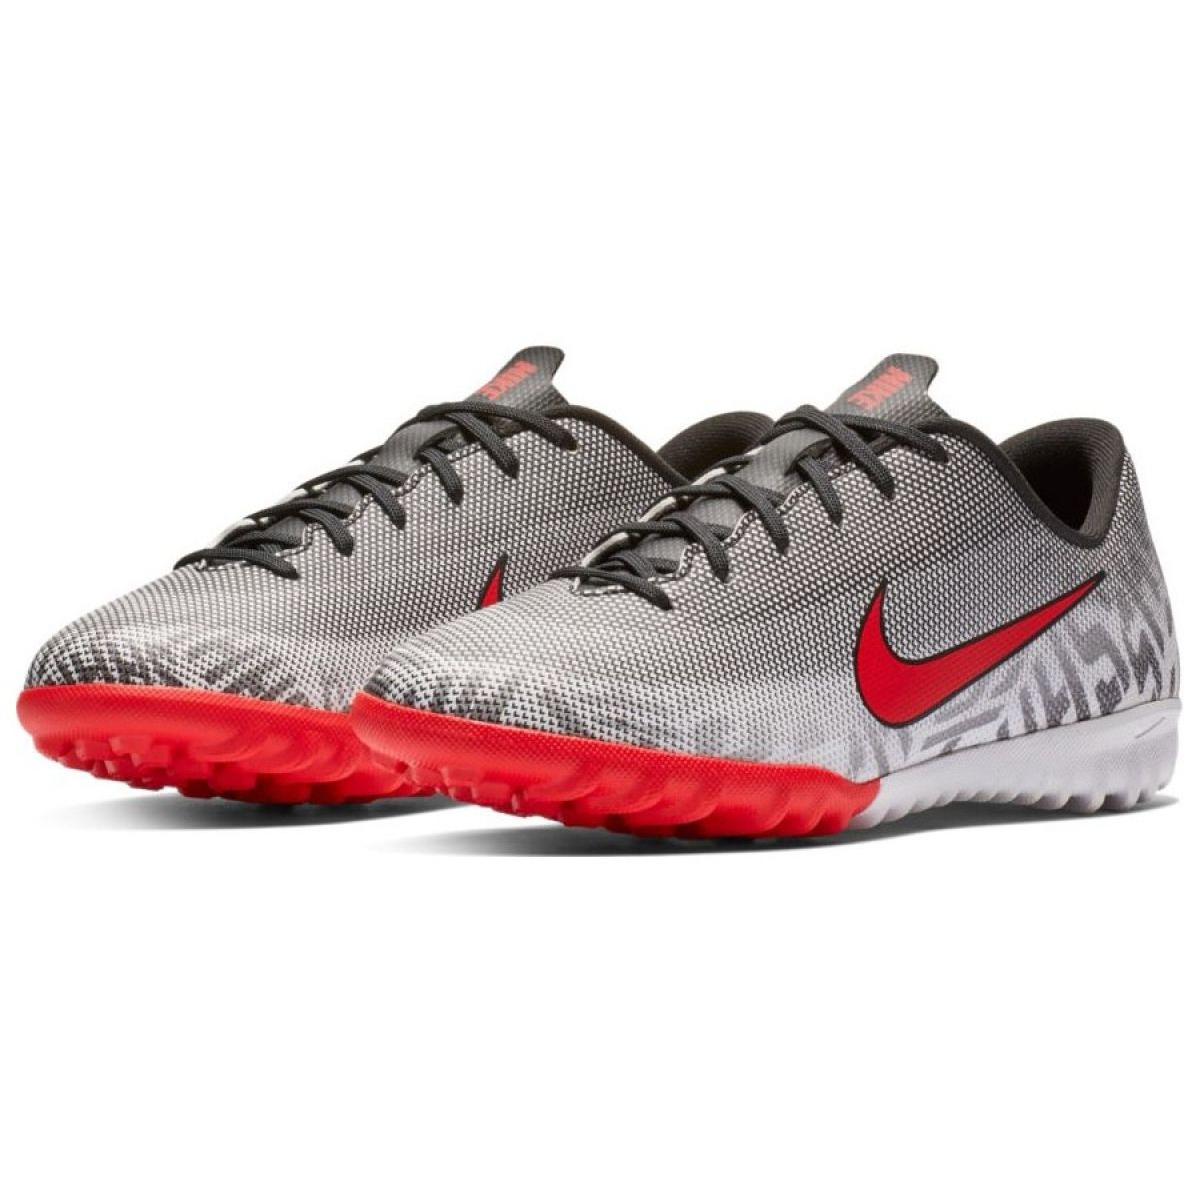 Sapatilhas de futebol Nike Mercurial Vapor 12 Academia Neymar Tf Jr AO9476 170 cinza cinza prata